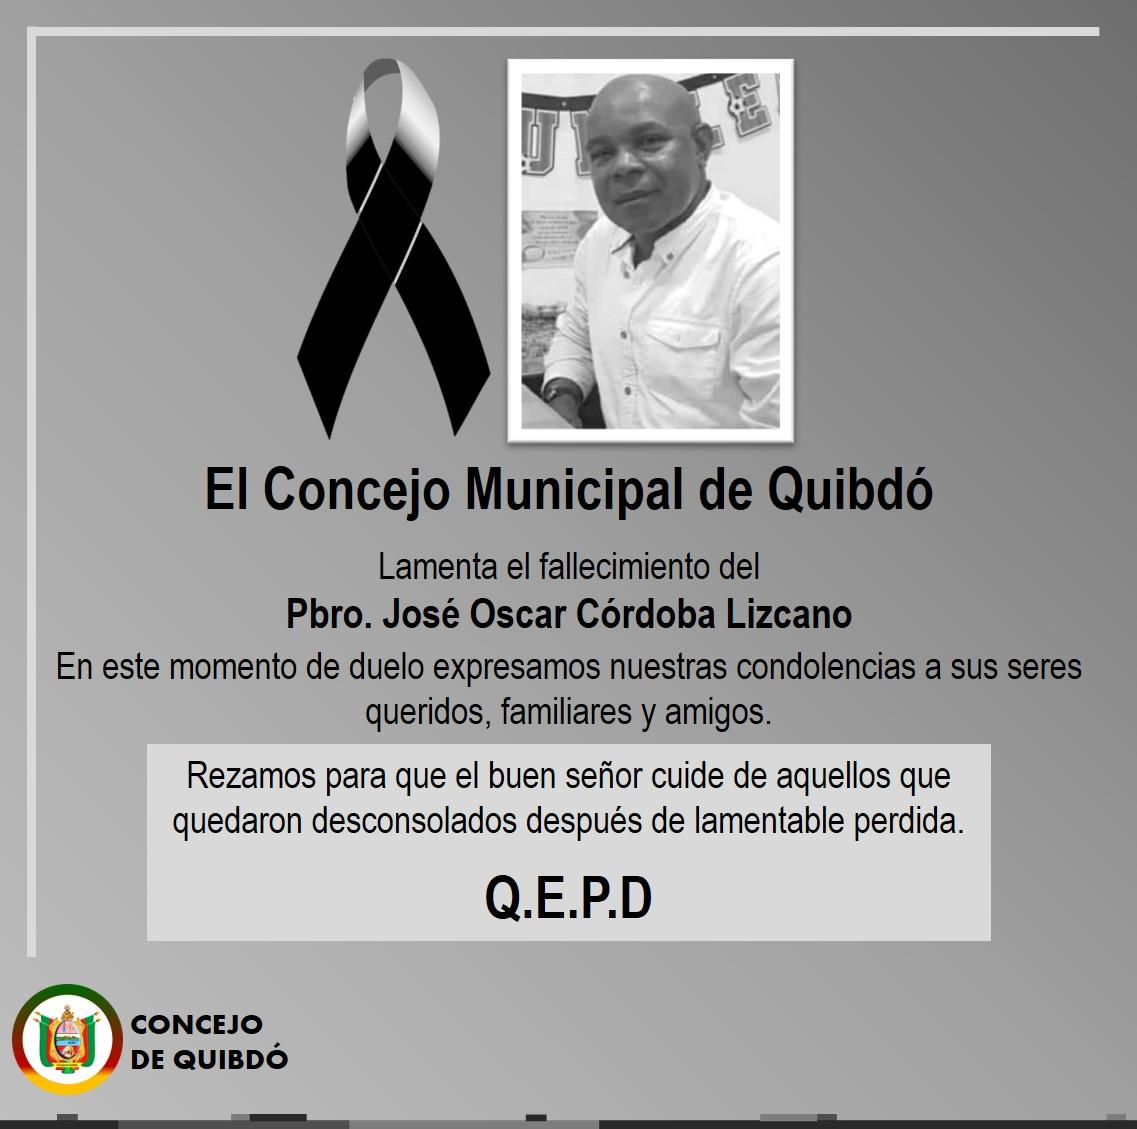 El Concejo Municipal de Quibdó Lamenta el fallecimiento del Pbro. José Oscar Córdoba Lizcano